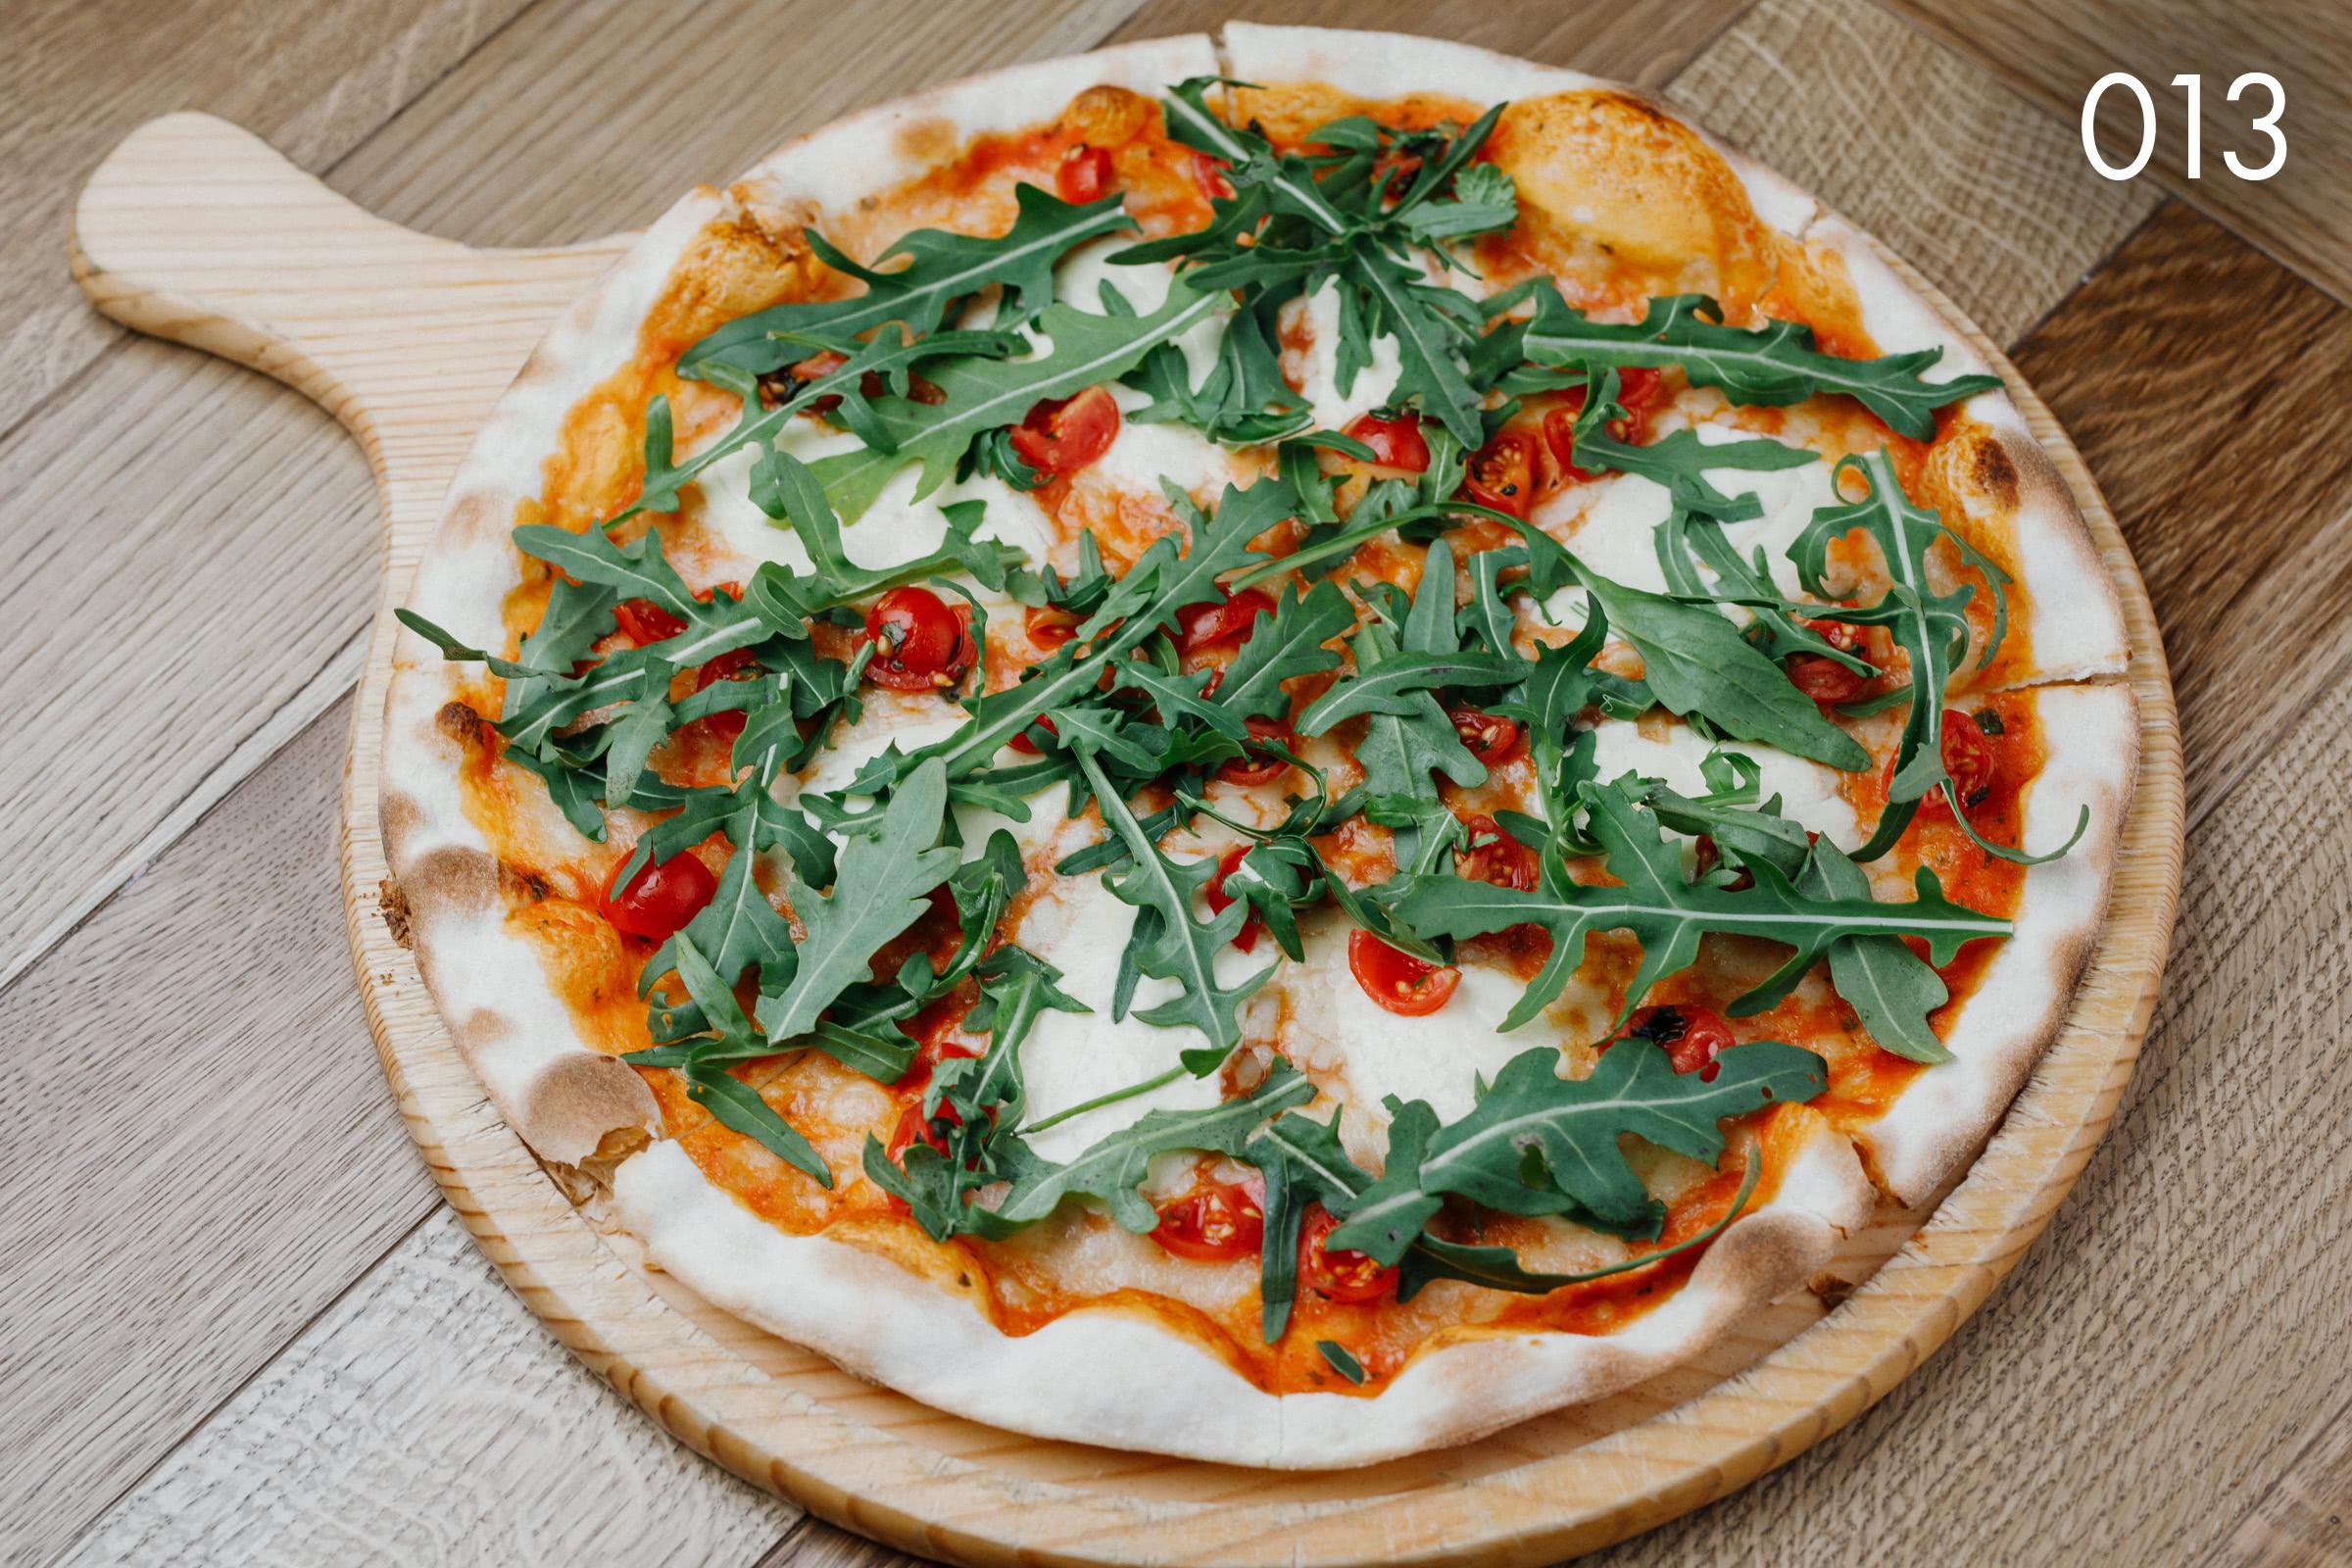 тосканская пицца буффалино с томатами черри и рукколой в ресторане Веранда